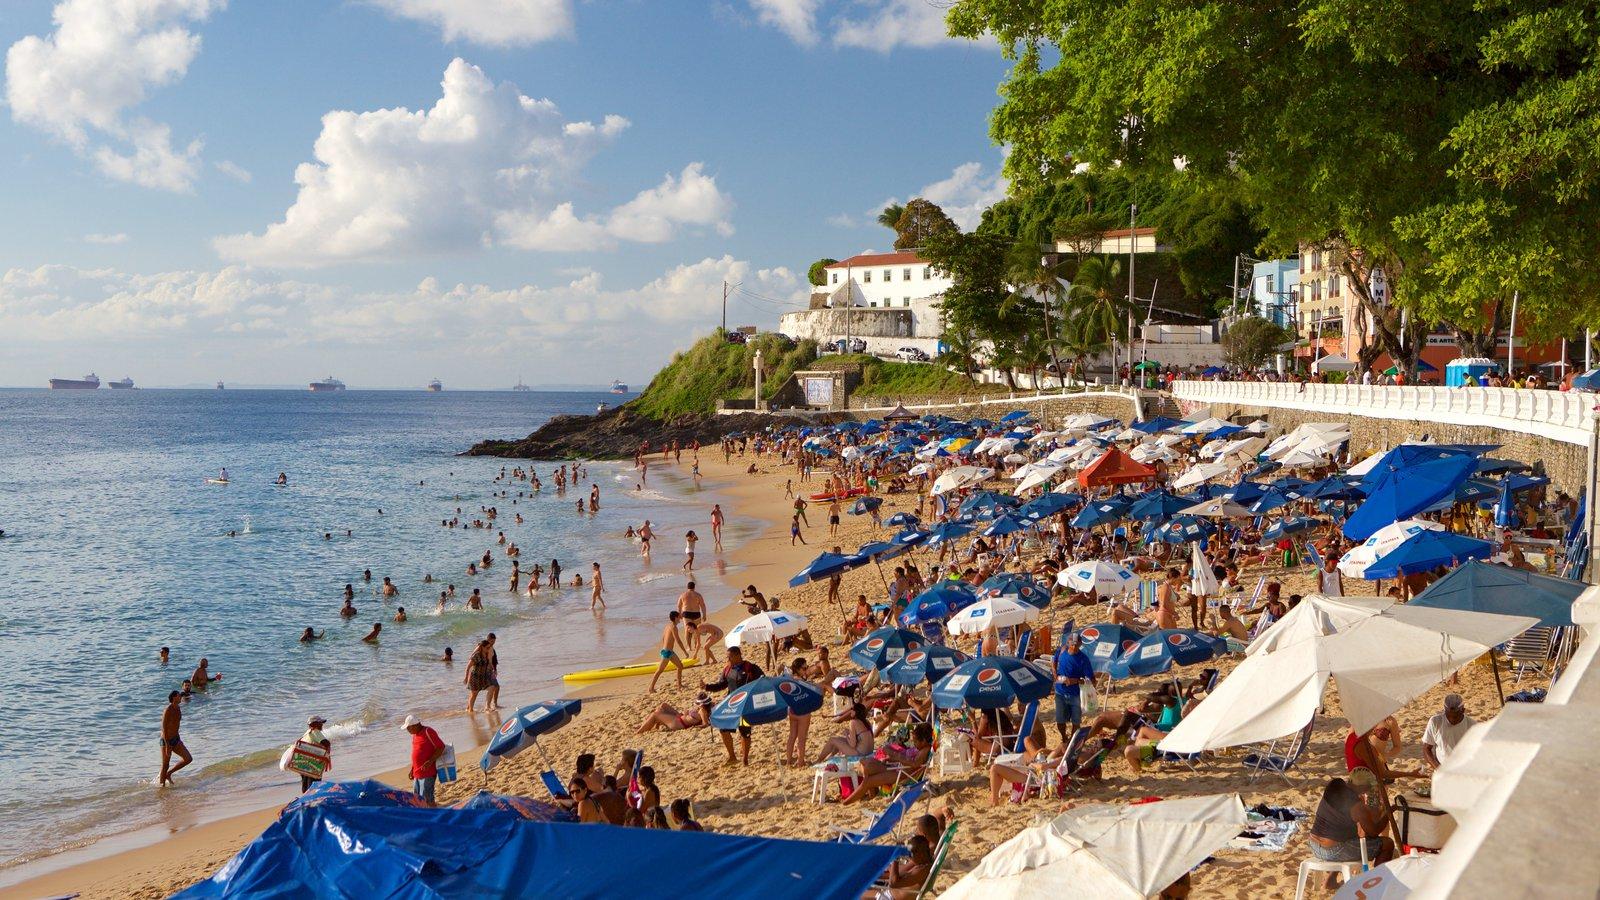 Praia do Porto da Barra que inclui uma praia, paisagens litorâneas e uma cidade litorânea